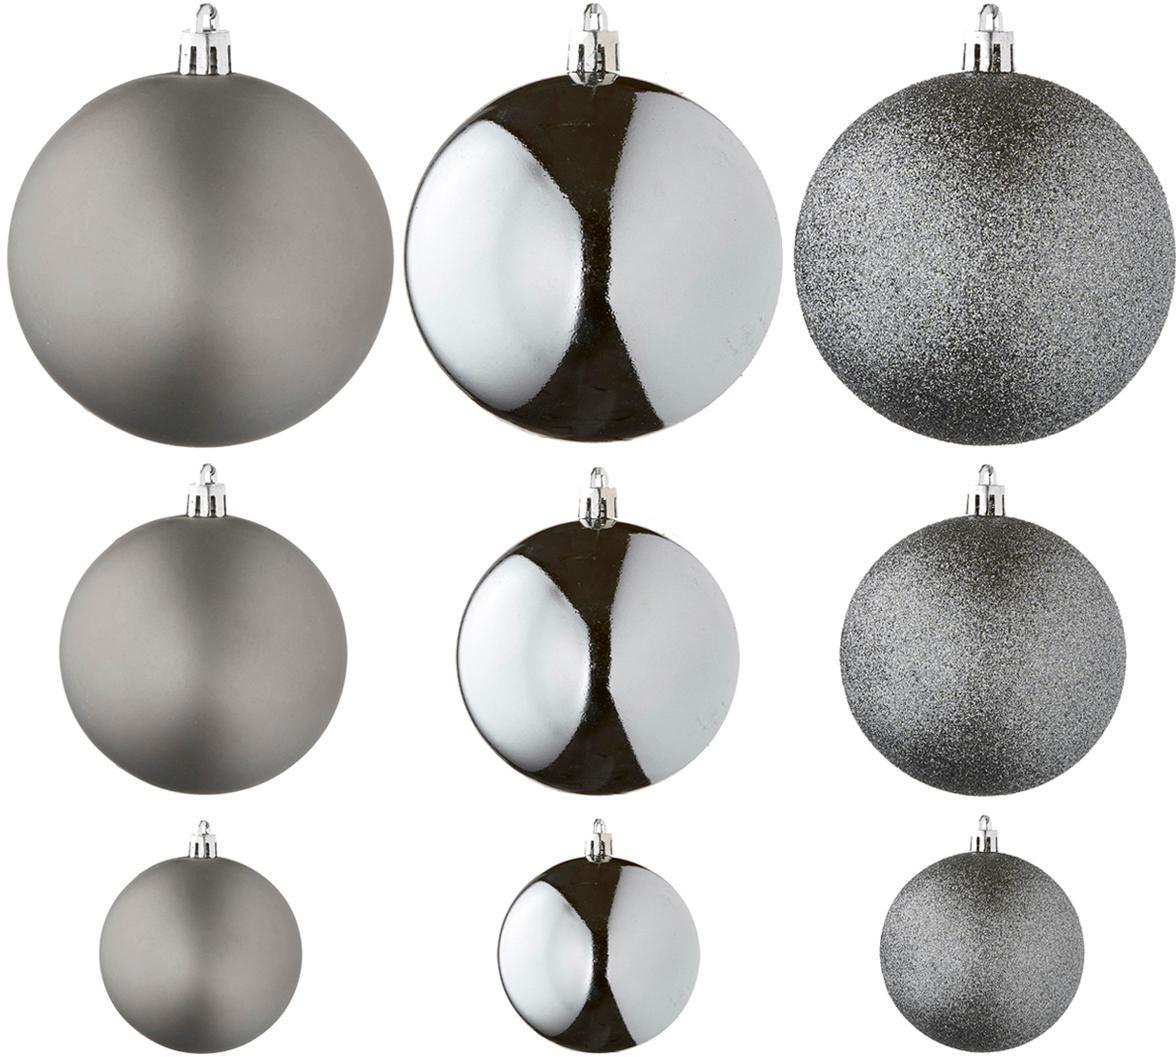 Weihnachtskugel-Set Natalie, 46-tlg., Kunststoff, Silberfarben, Sondergrößen